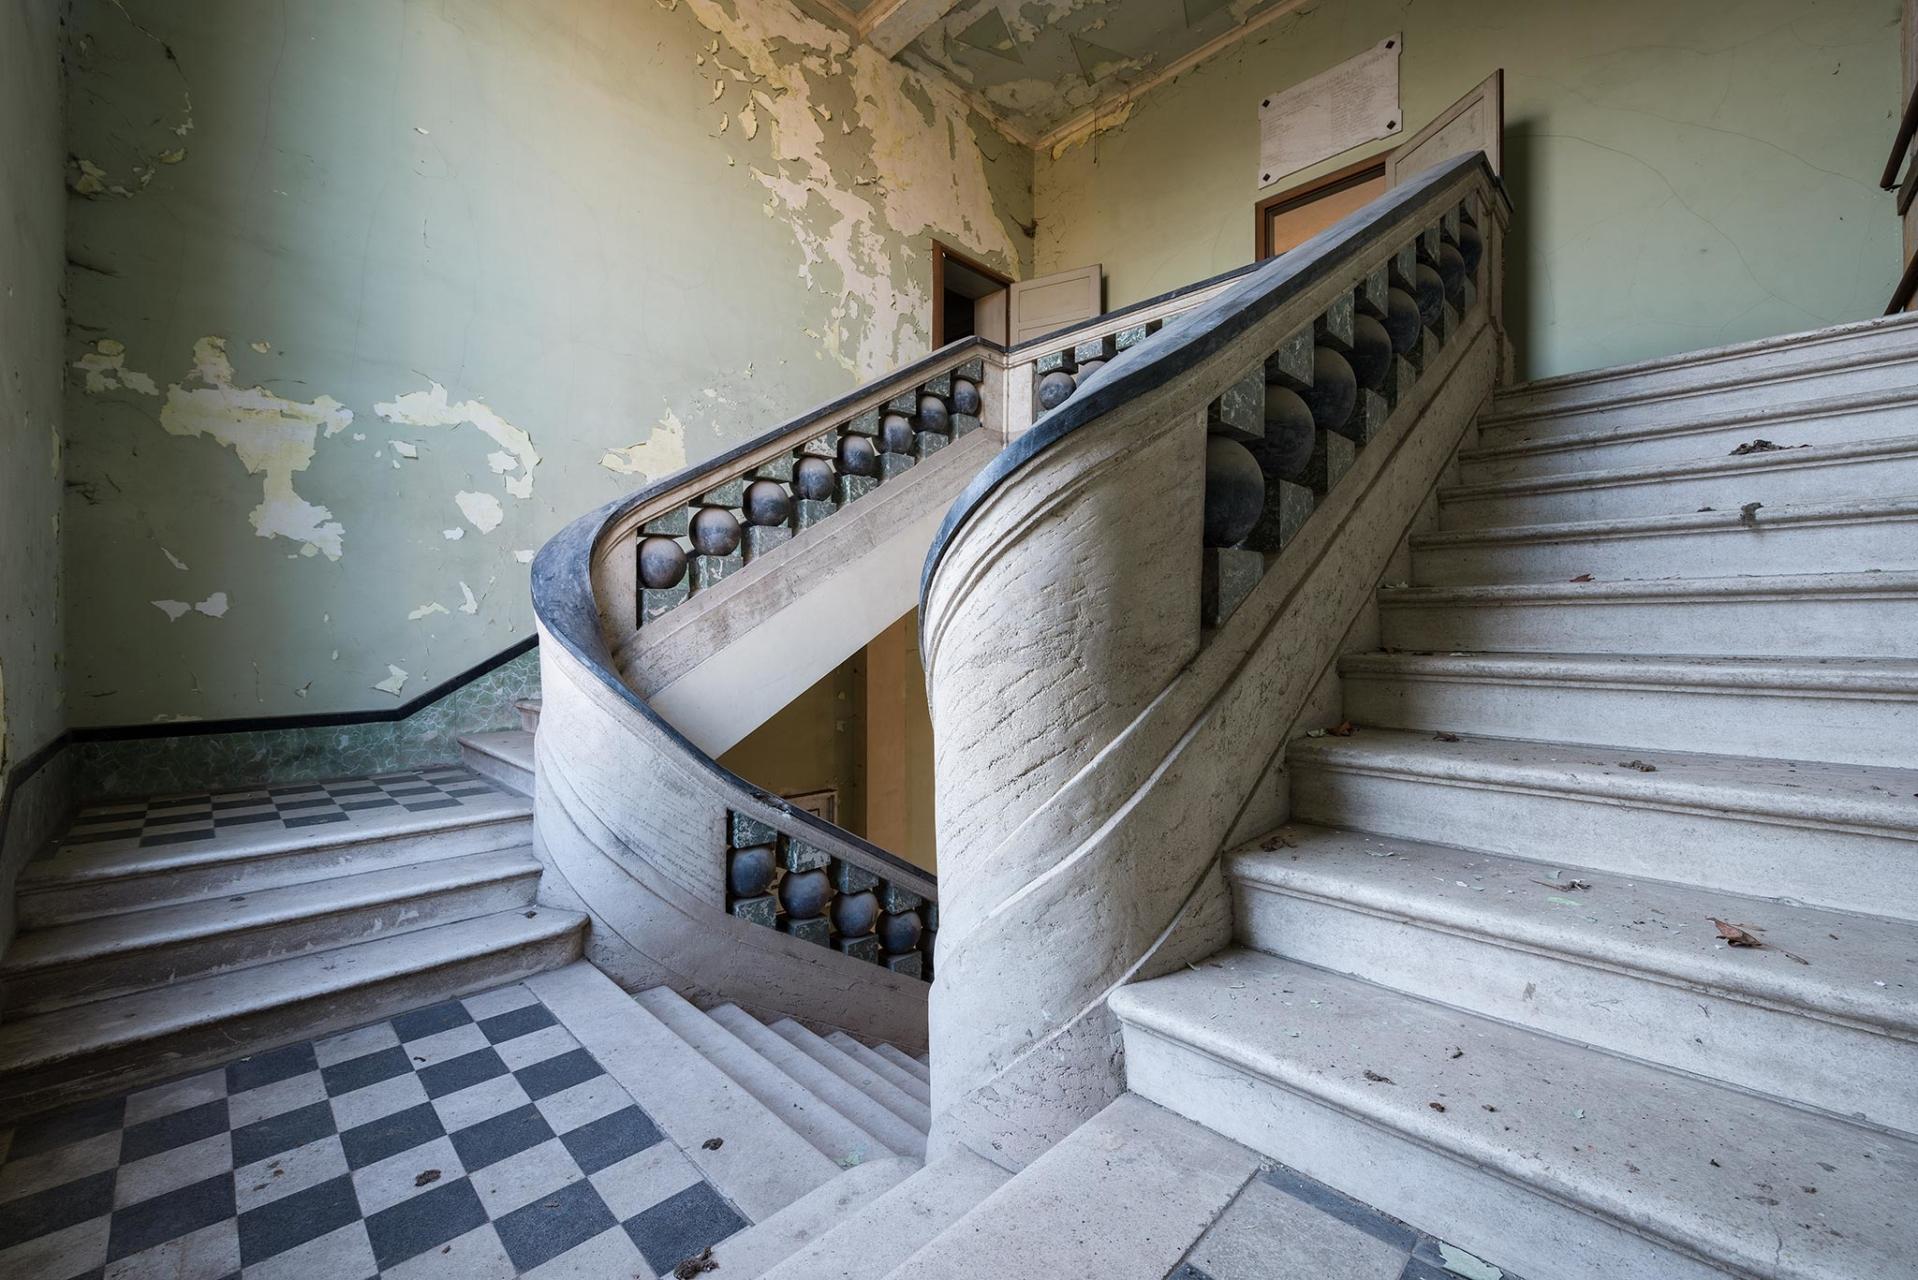 Stairdust